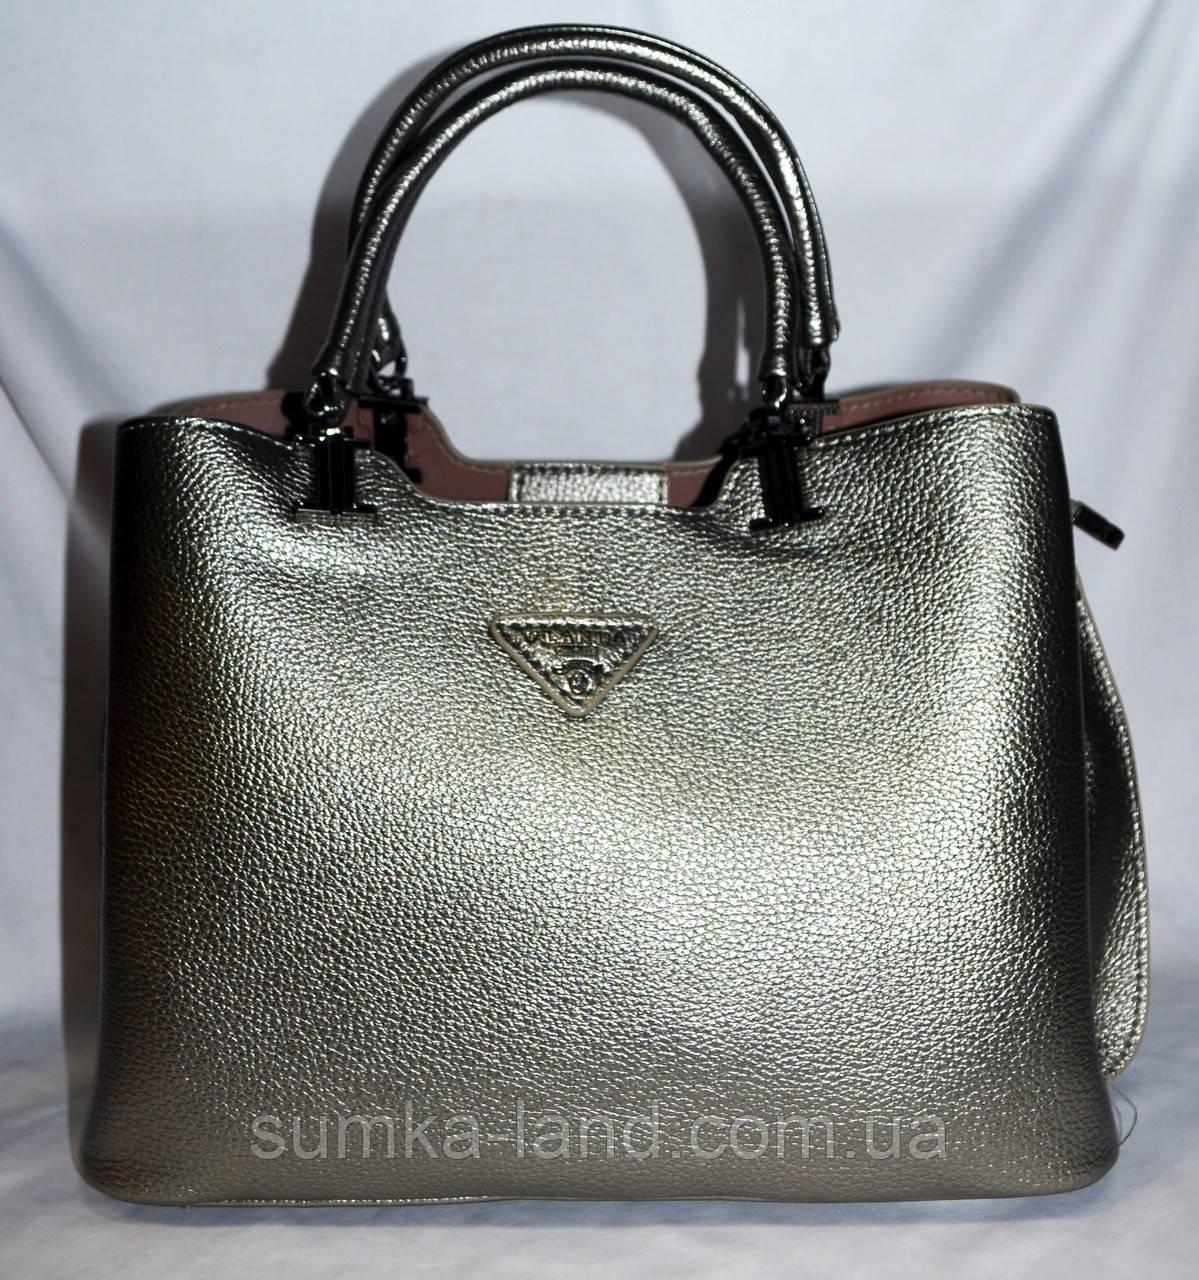 27c45bef4eeb Женская сумка Prada класса Люкс с длинным ремешком на плечо 31*23 см - SUMKA